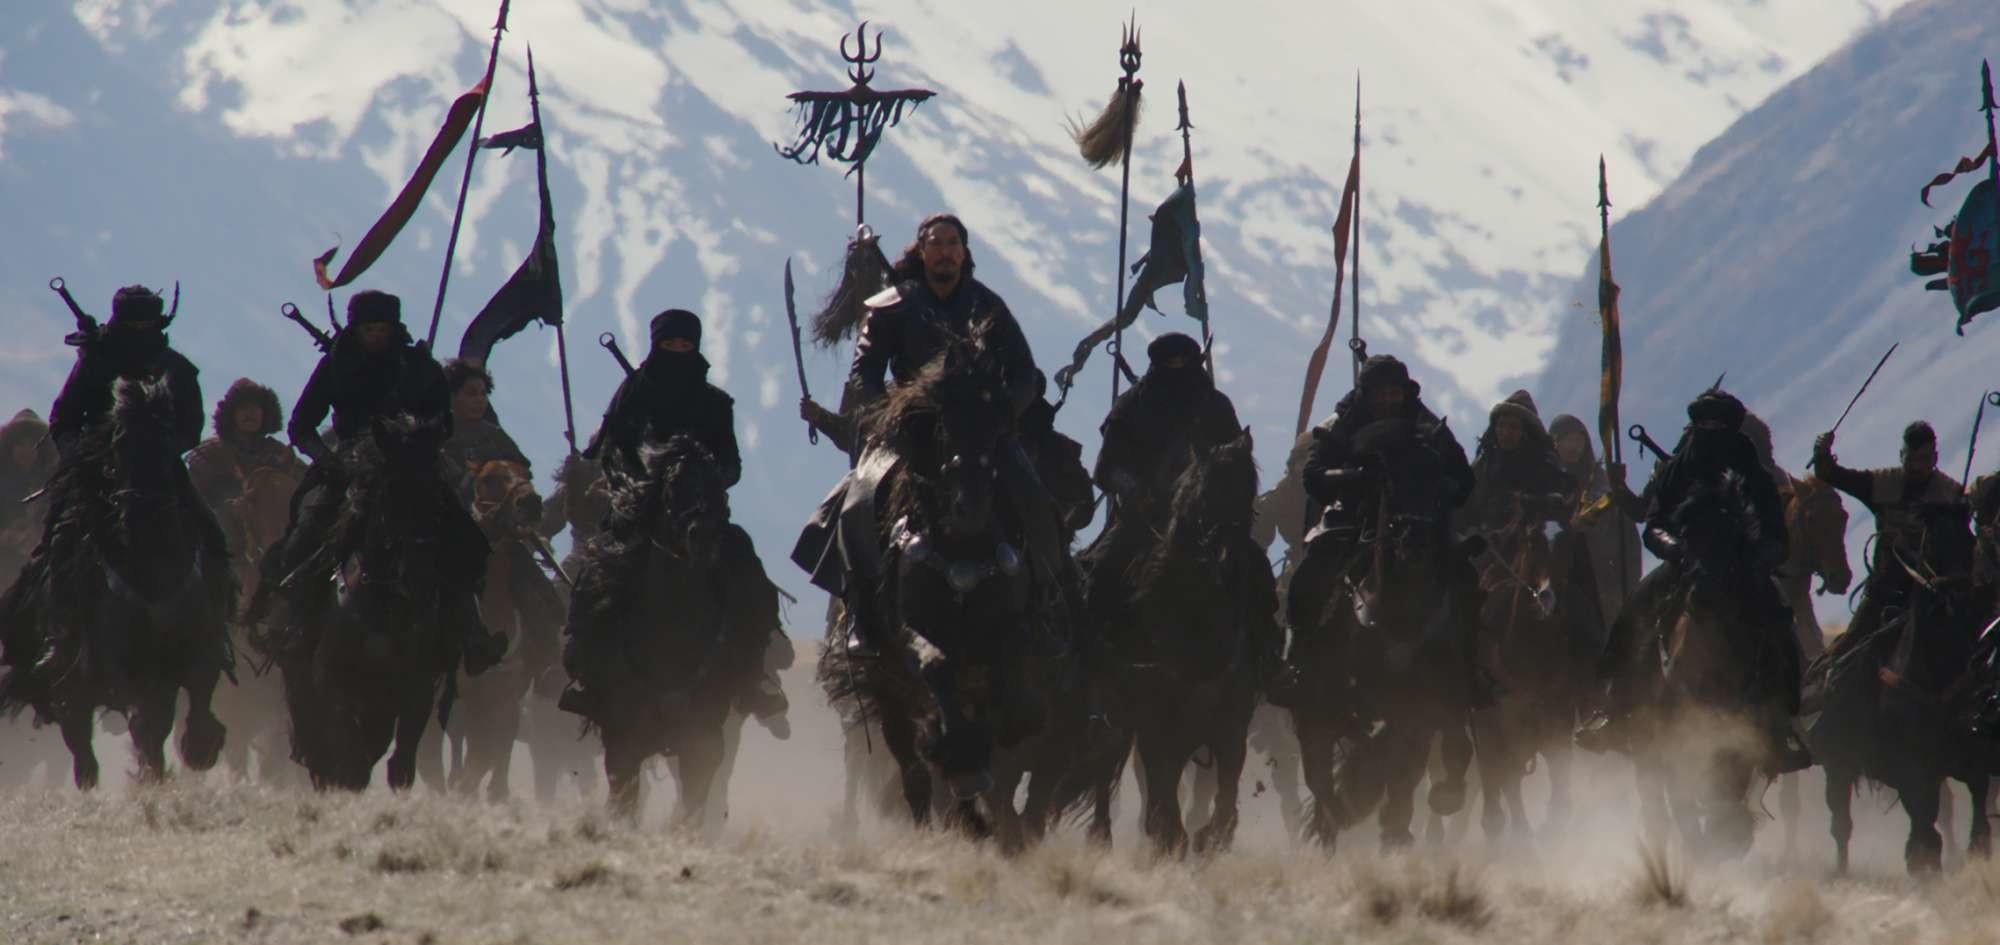 Nhà sản xuất Mulan thảo luận về tầm quan trọng của việc lấy giọng Trung Quốc 2